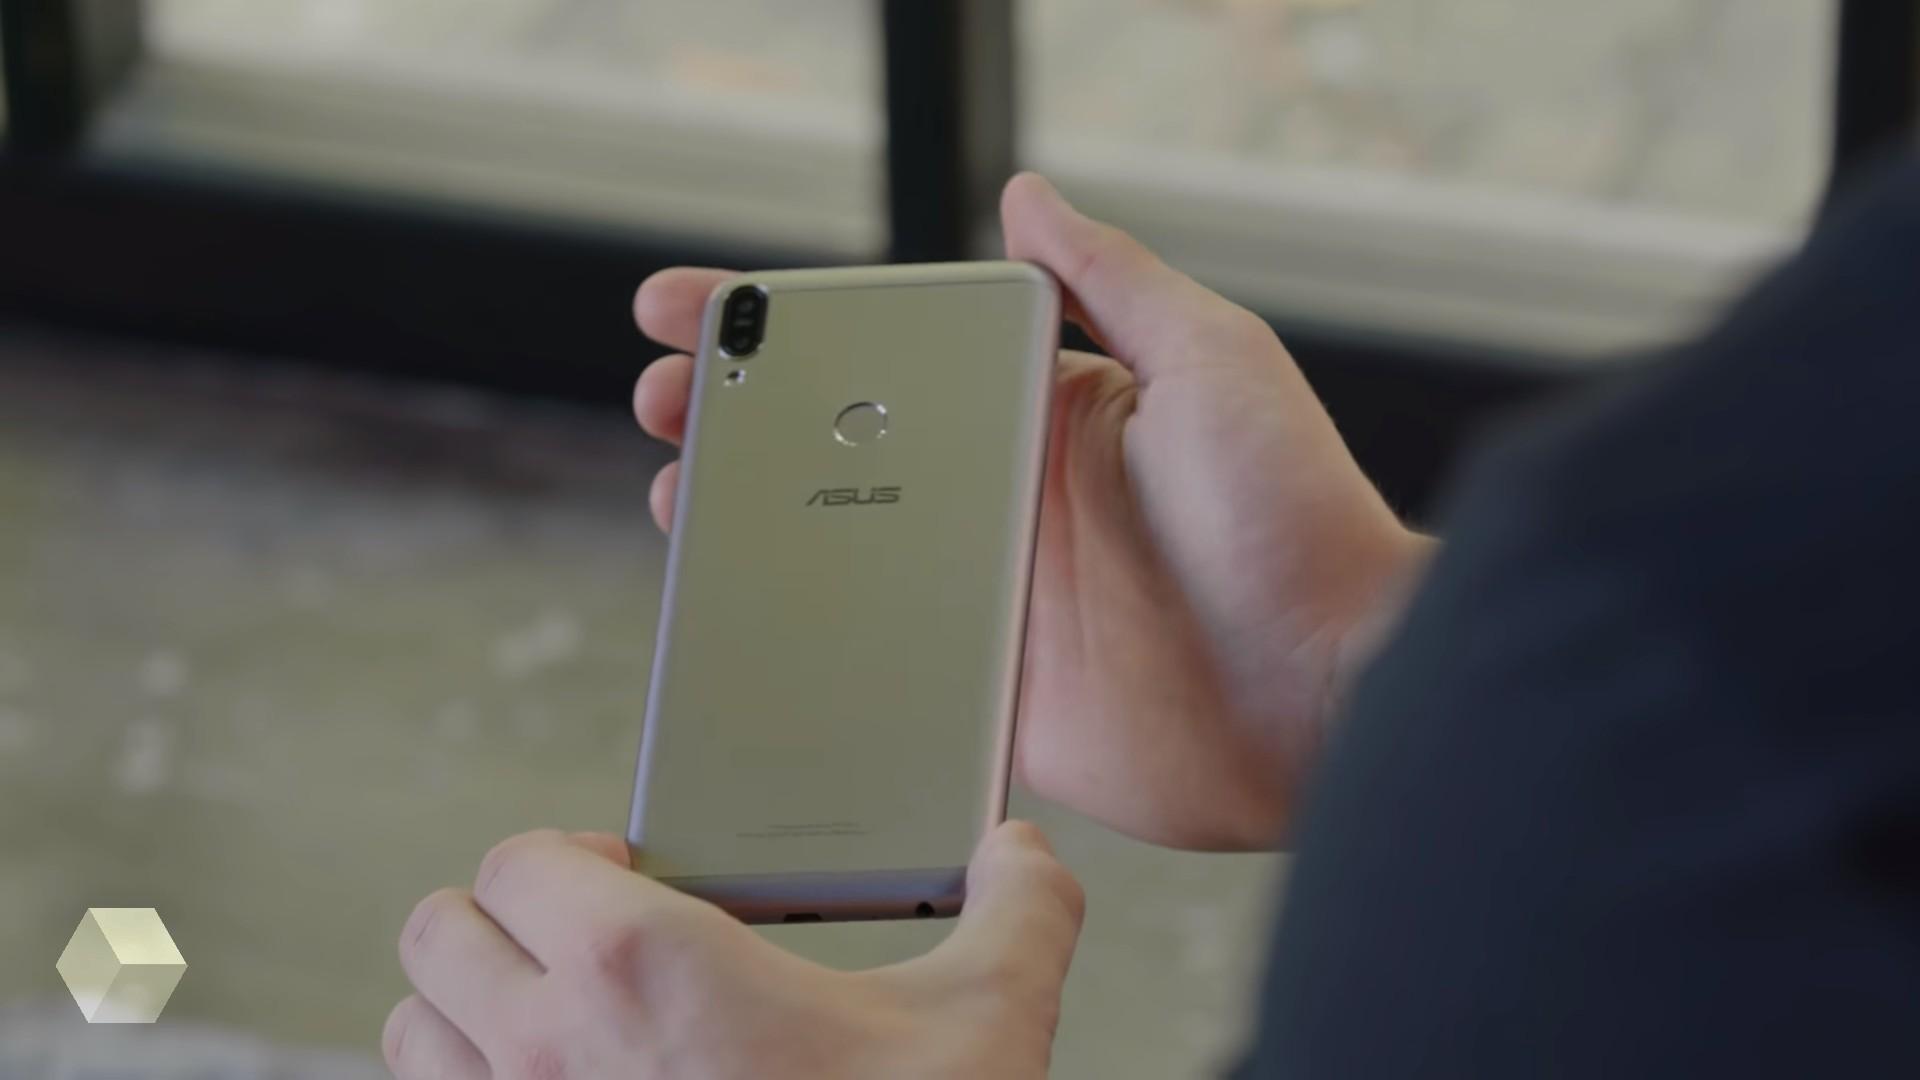 Внешний вид ASUS ZenFone Max Pro M2 стал известен из видео